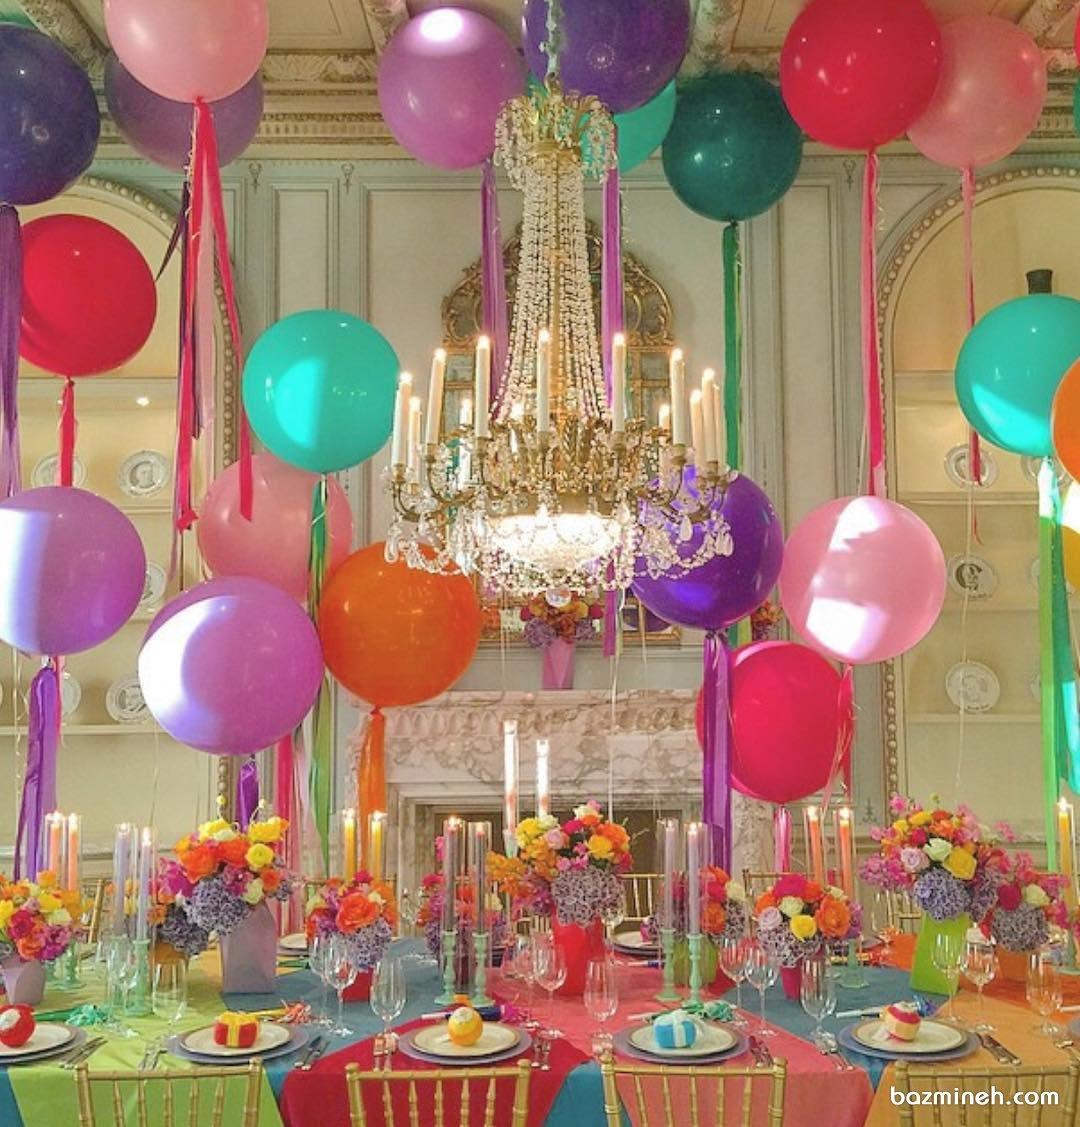 دکوراسیون و بادکنک آرایی شاد و رنگی میز پذیرایی جشن تولد کودک همراه با گل آرایی زیبای میزها